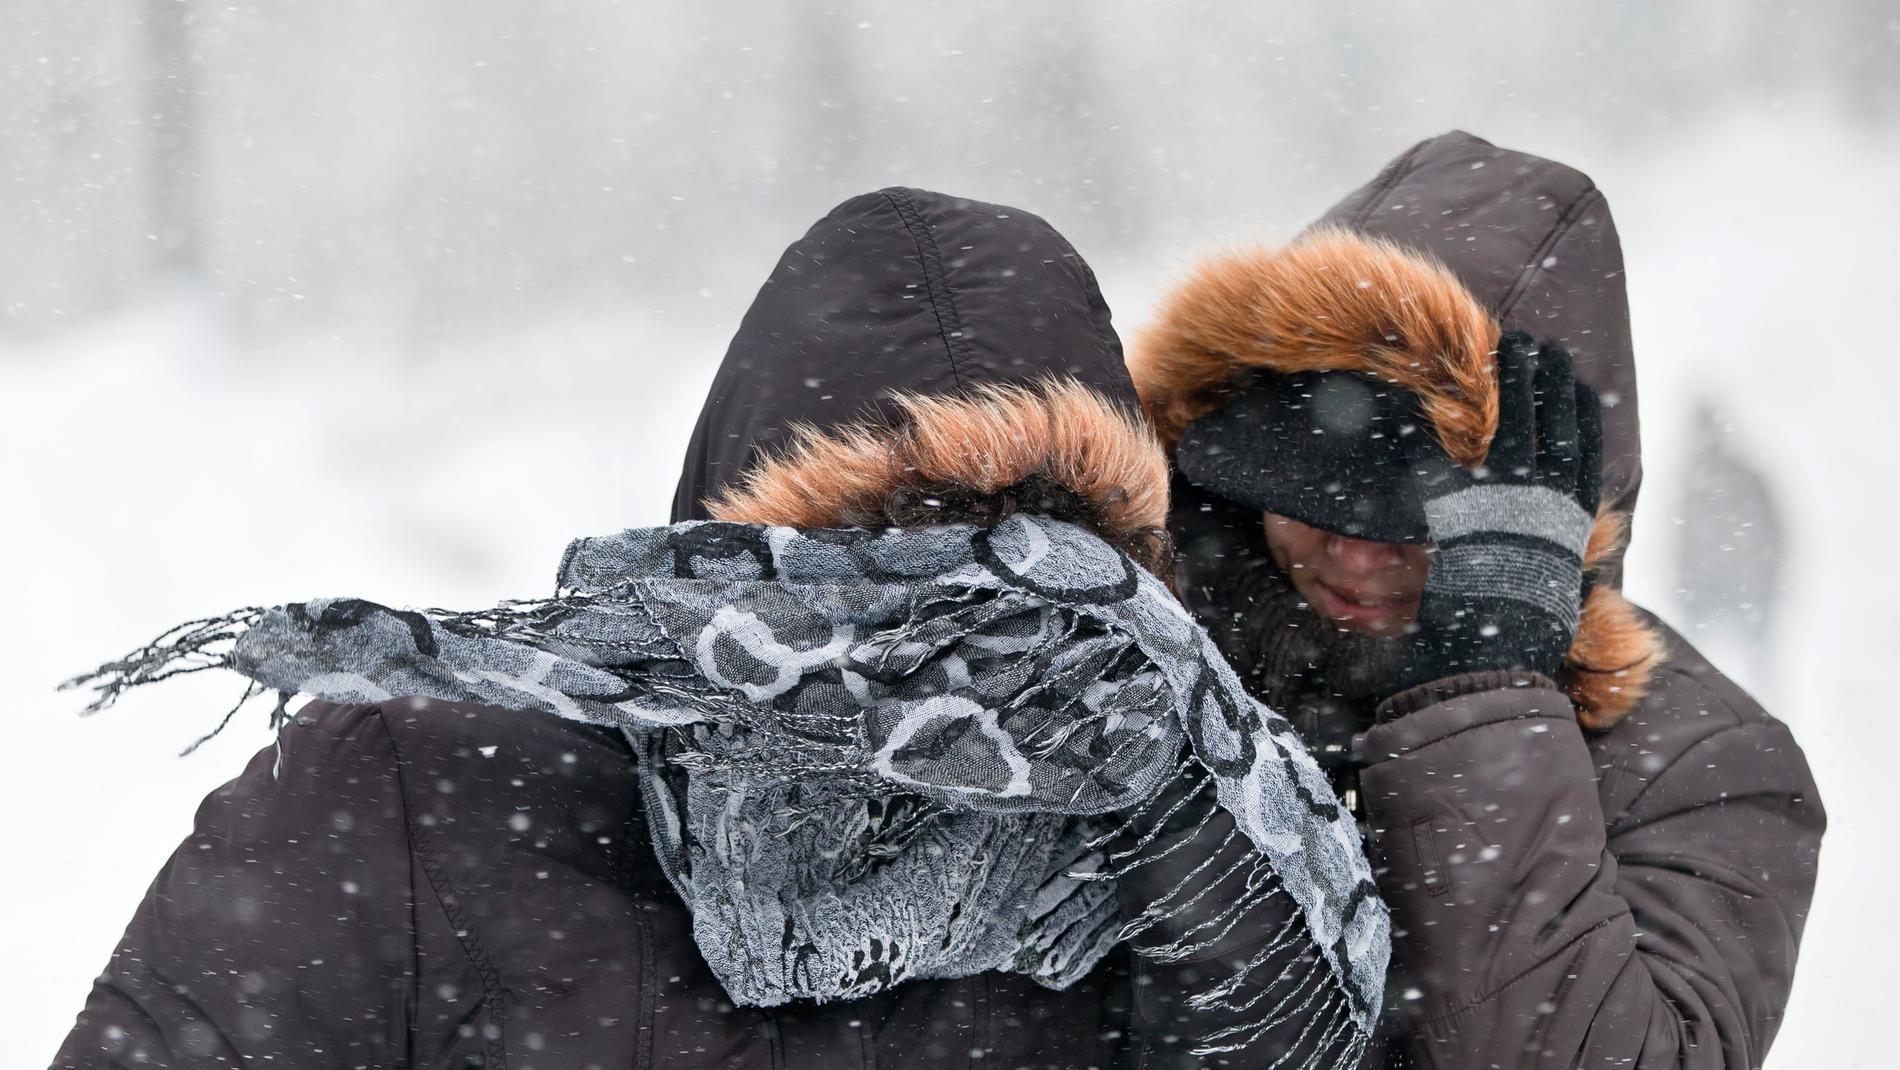 SMHI utfärdar klass 2 varning för snöoväder och starka vindar i Syd- och Västsverige. I vindbyarna kan det handla om stormstyrka. Arkivbild.